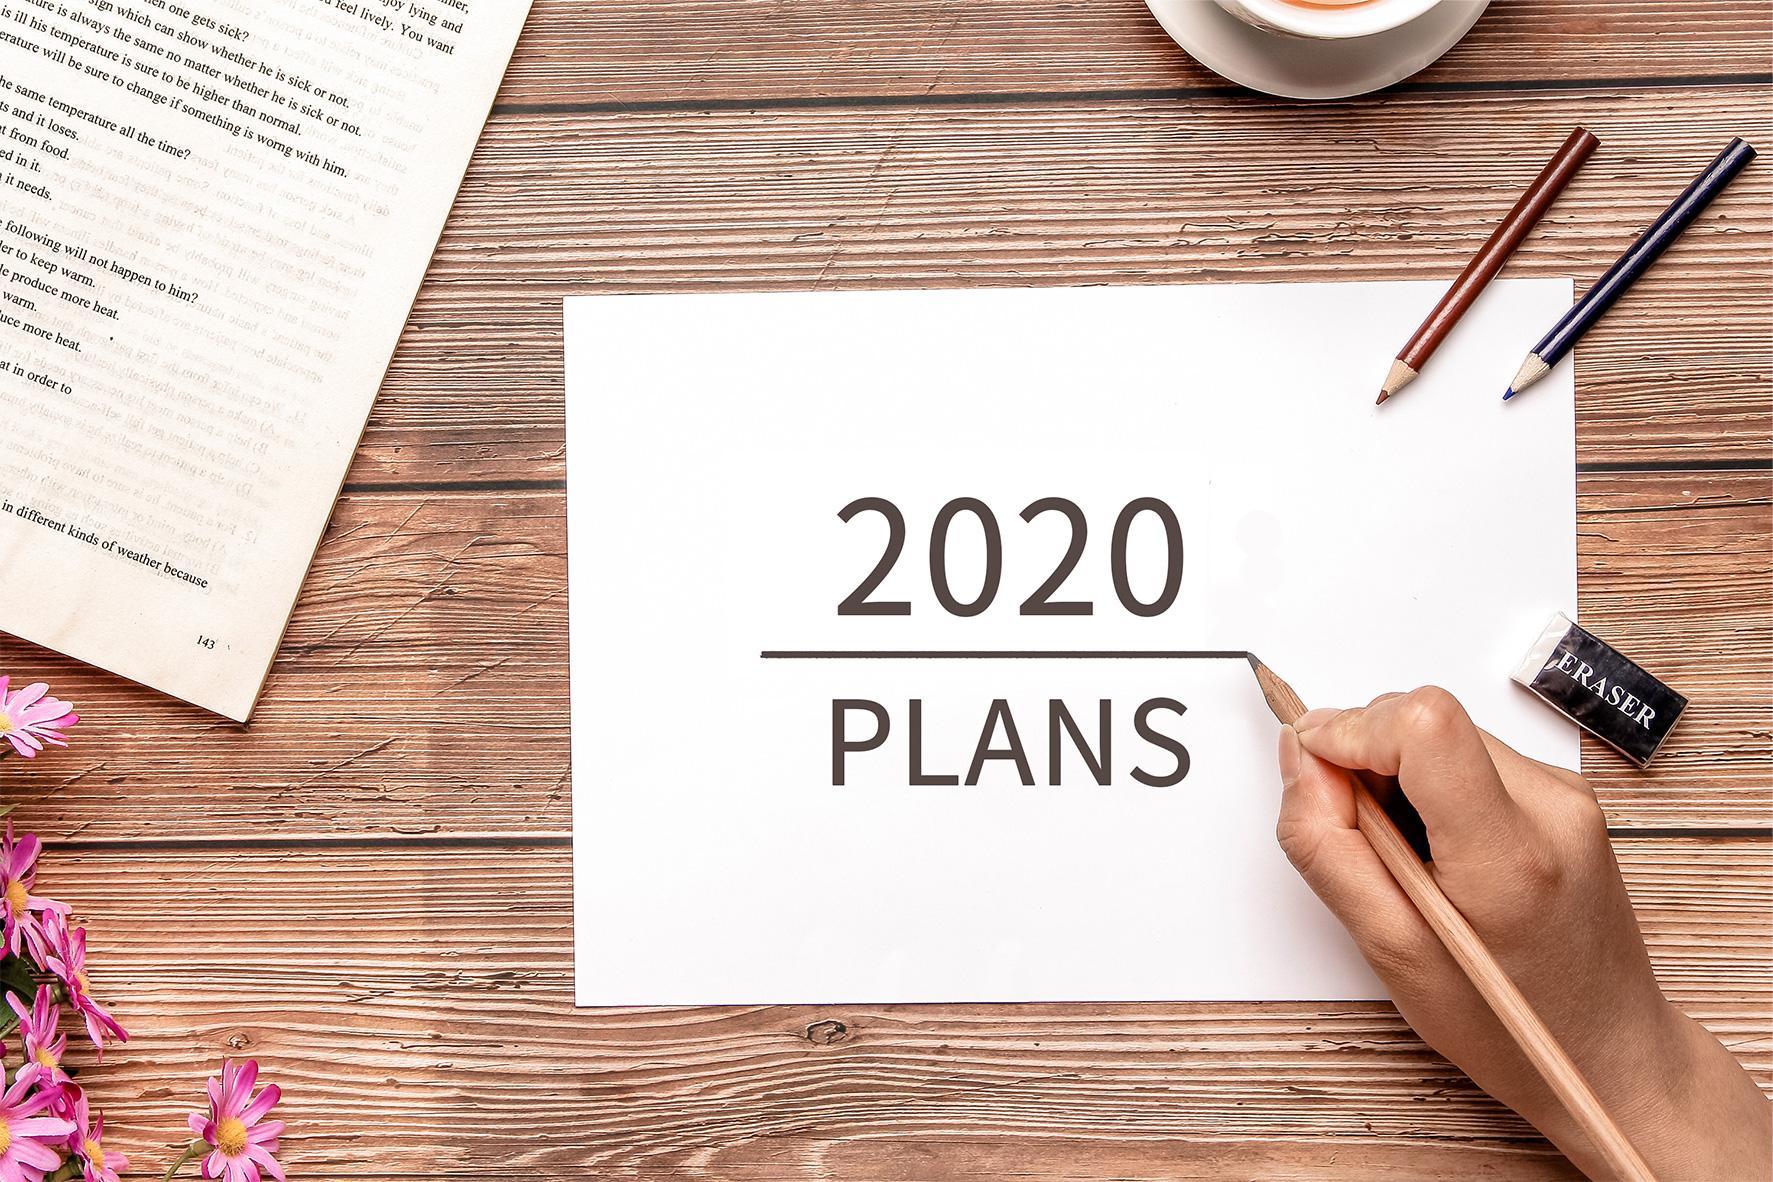 2020年 福瑞达生物科技参展计划